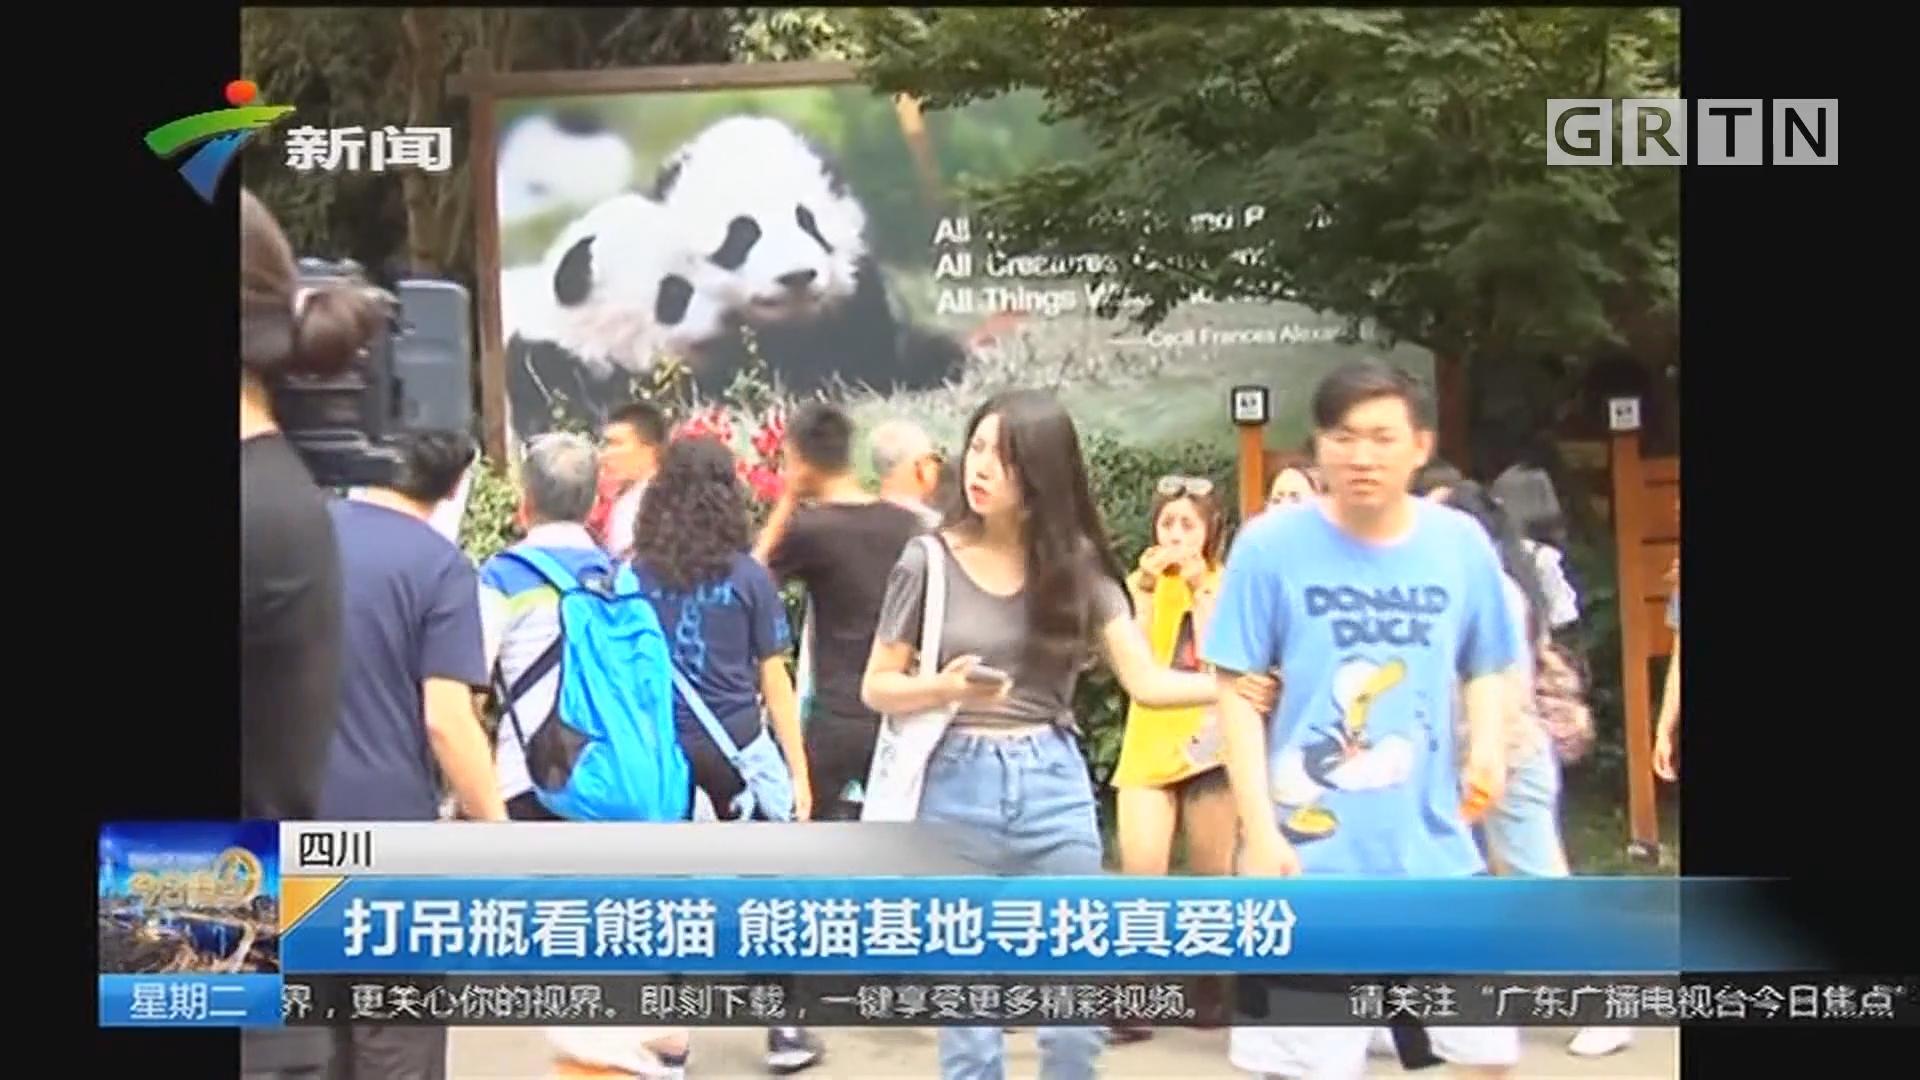 四川:打吊瓶看熊猫 熊猫基地寻找真爱粉